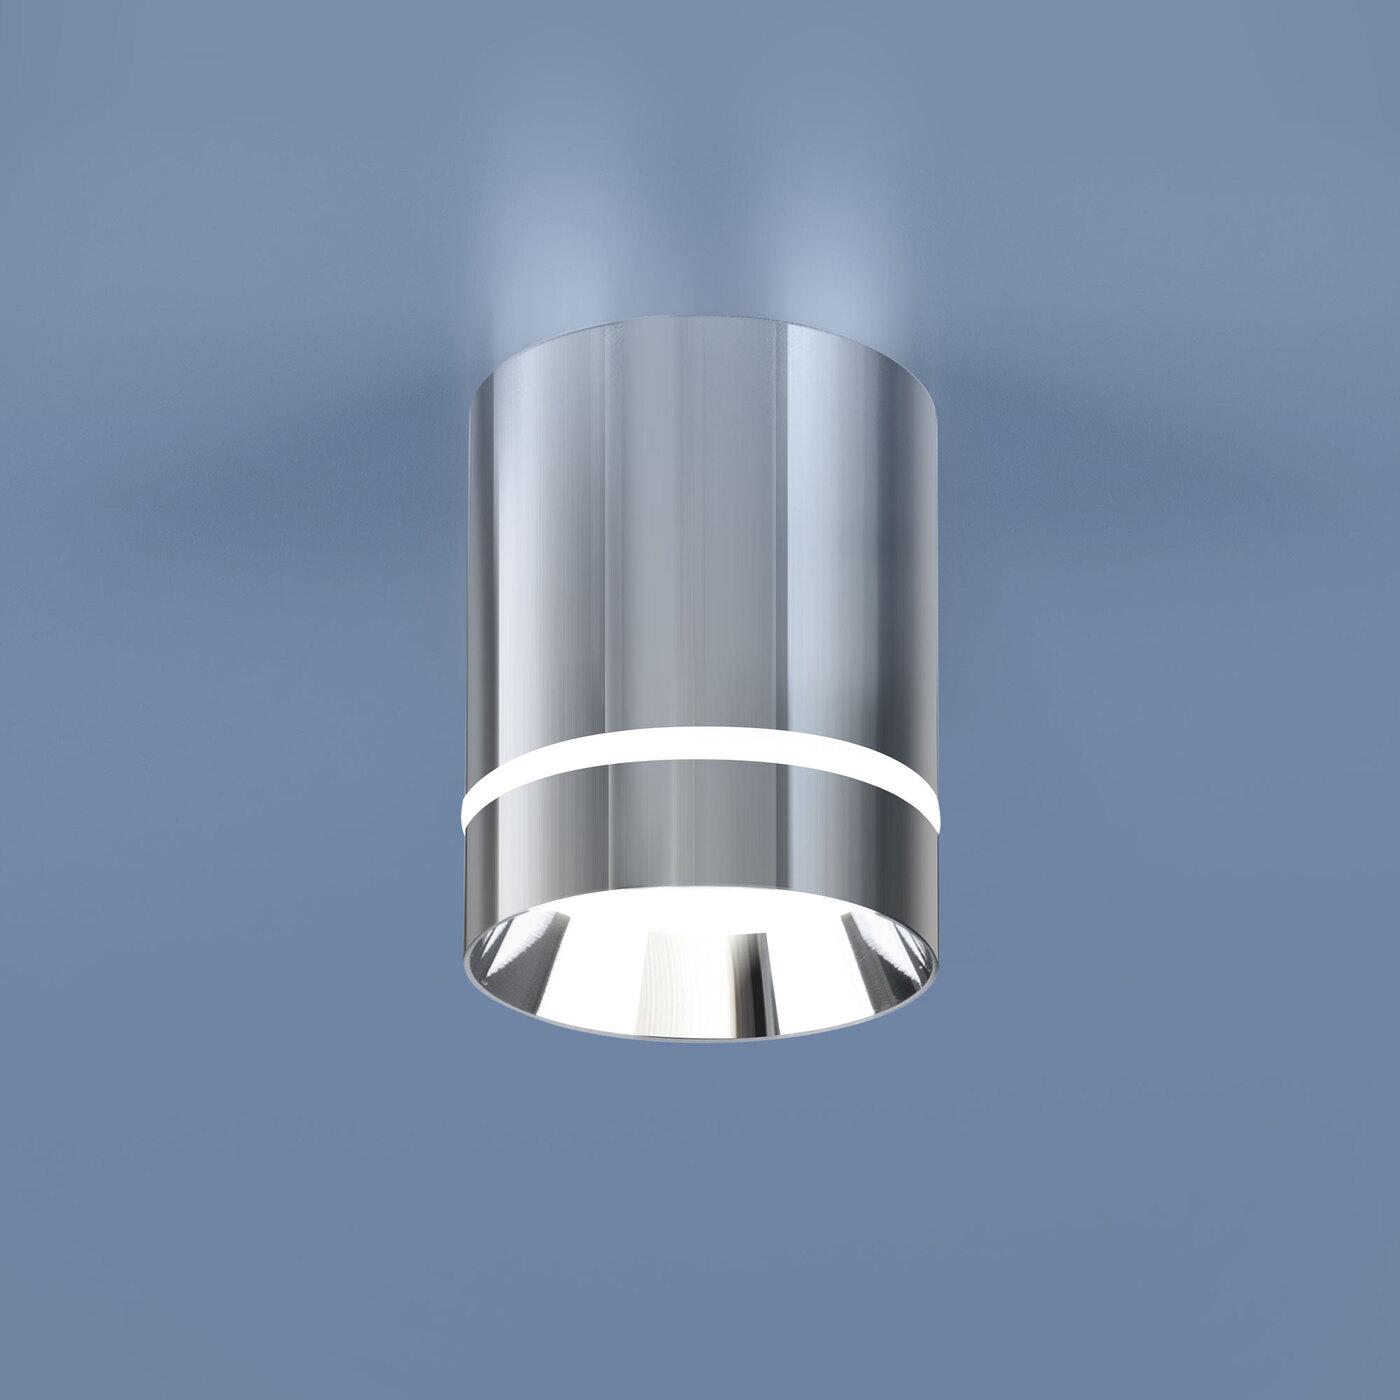 DLR021 9W 4200K / Светильник светодиодный стационарный хром потолочный светильник накладной argenta 4848